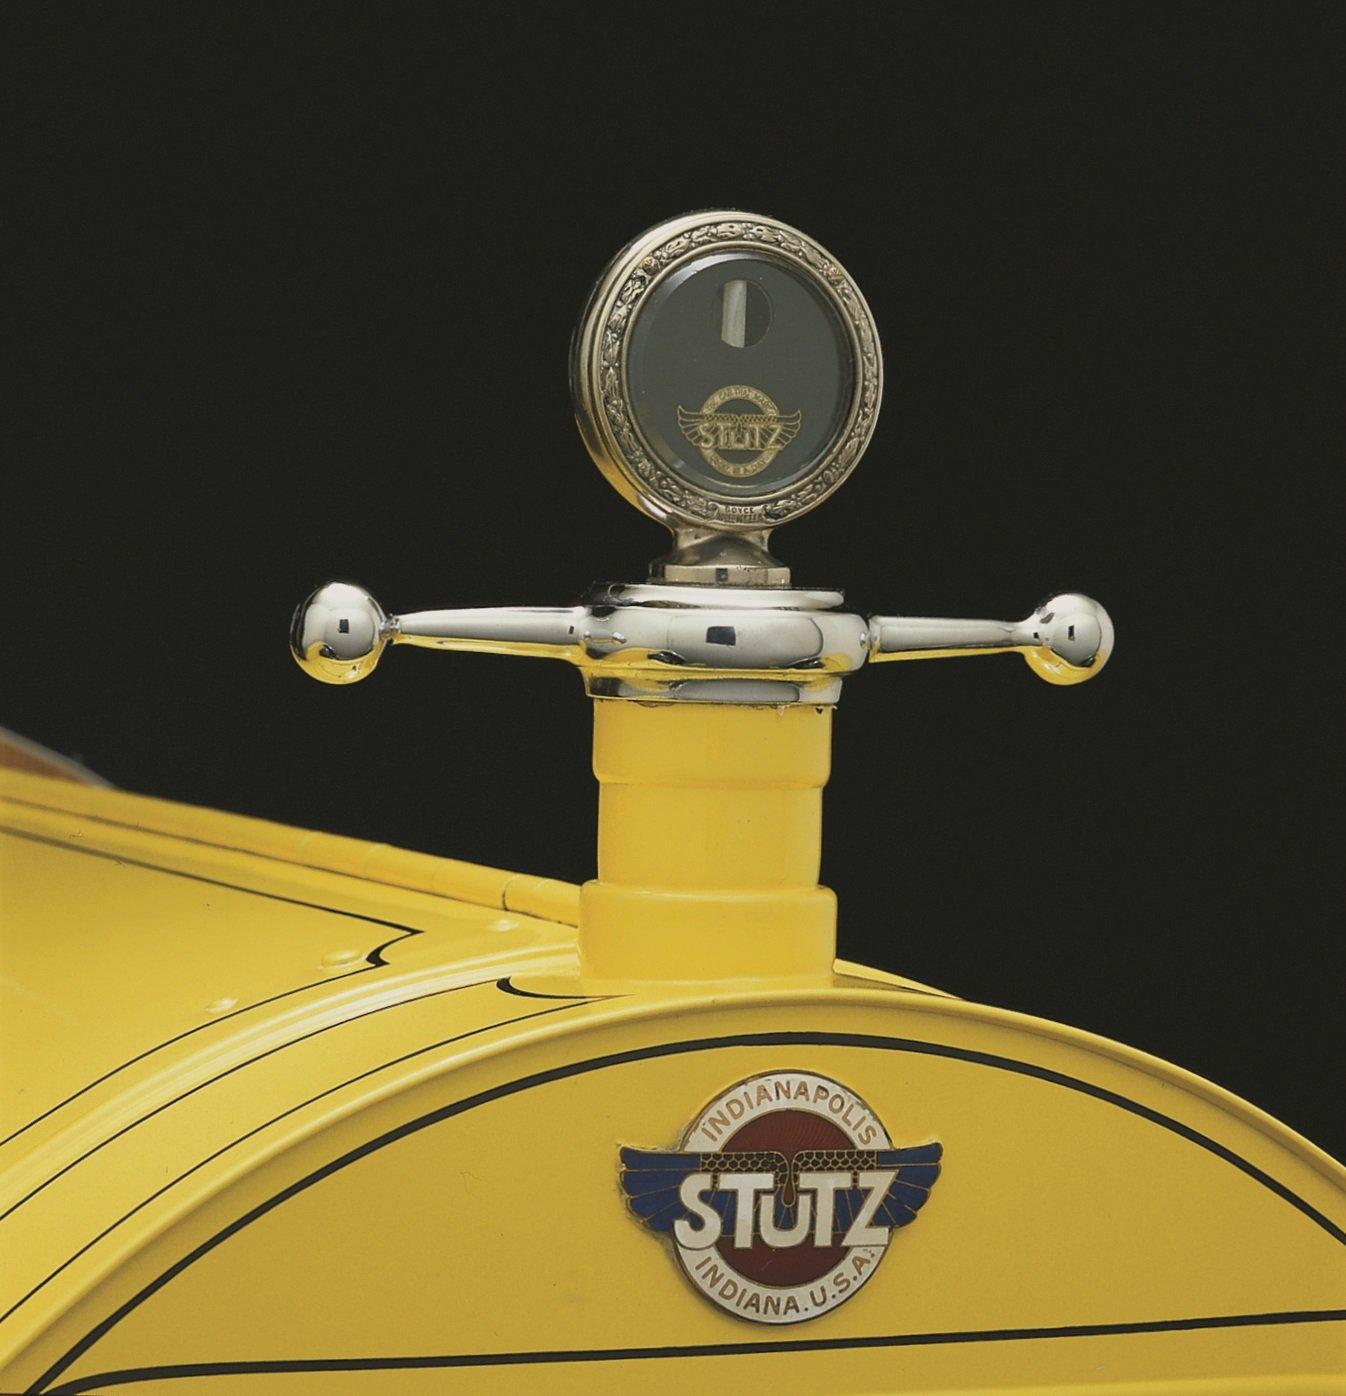 1915 Stutz emblem